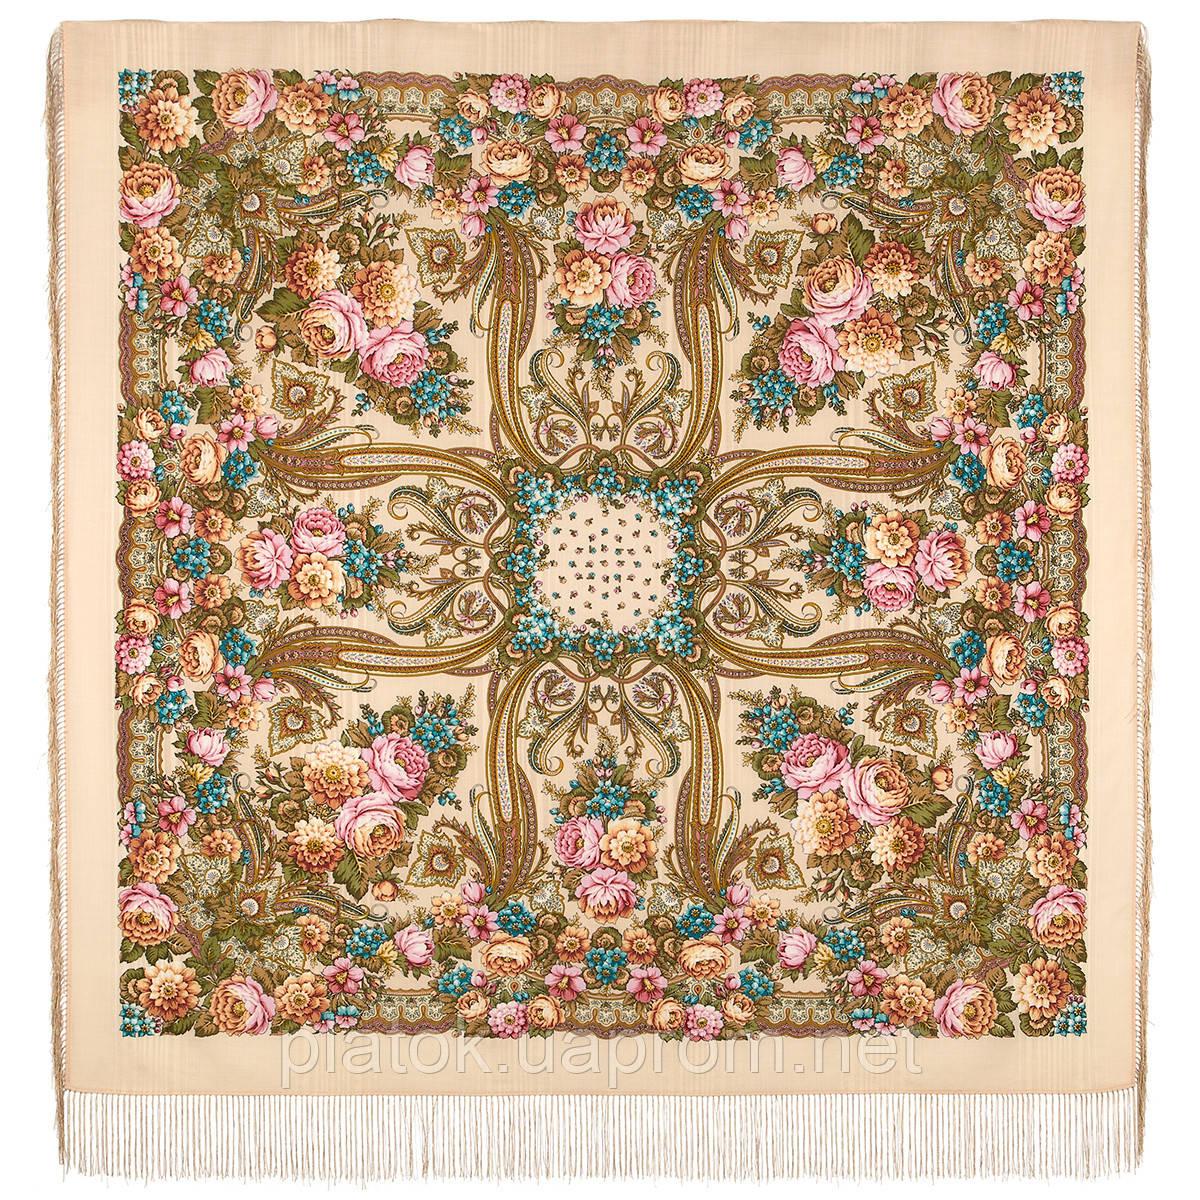 Именинница 1446-1, павлопосадский платок шерстяной (с просновками) с шелковой бахромой